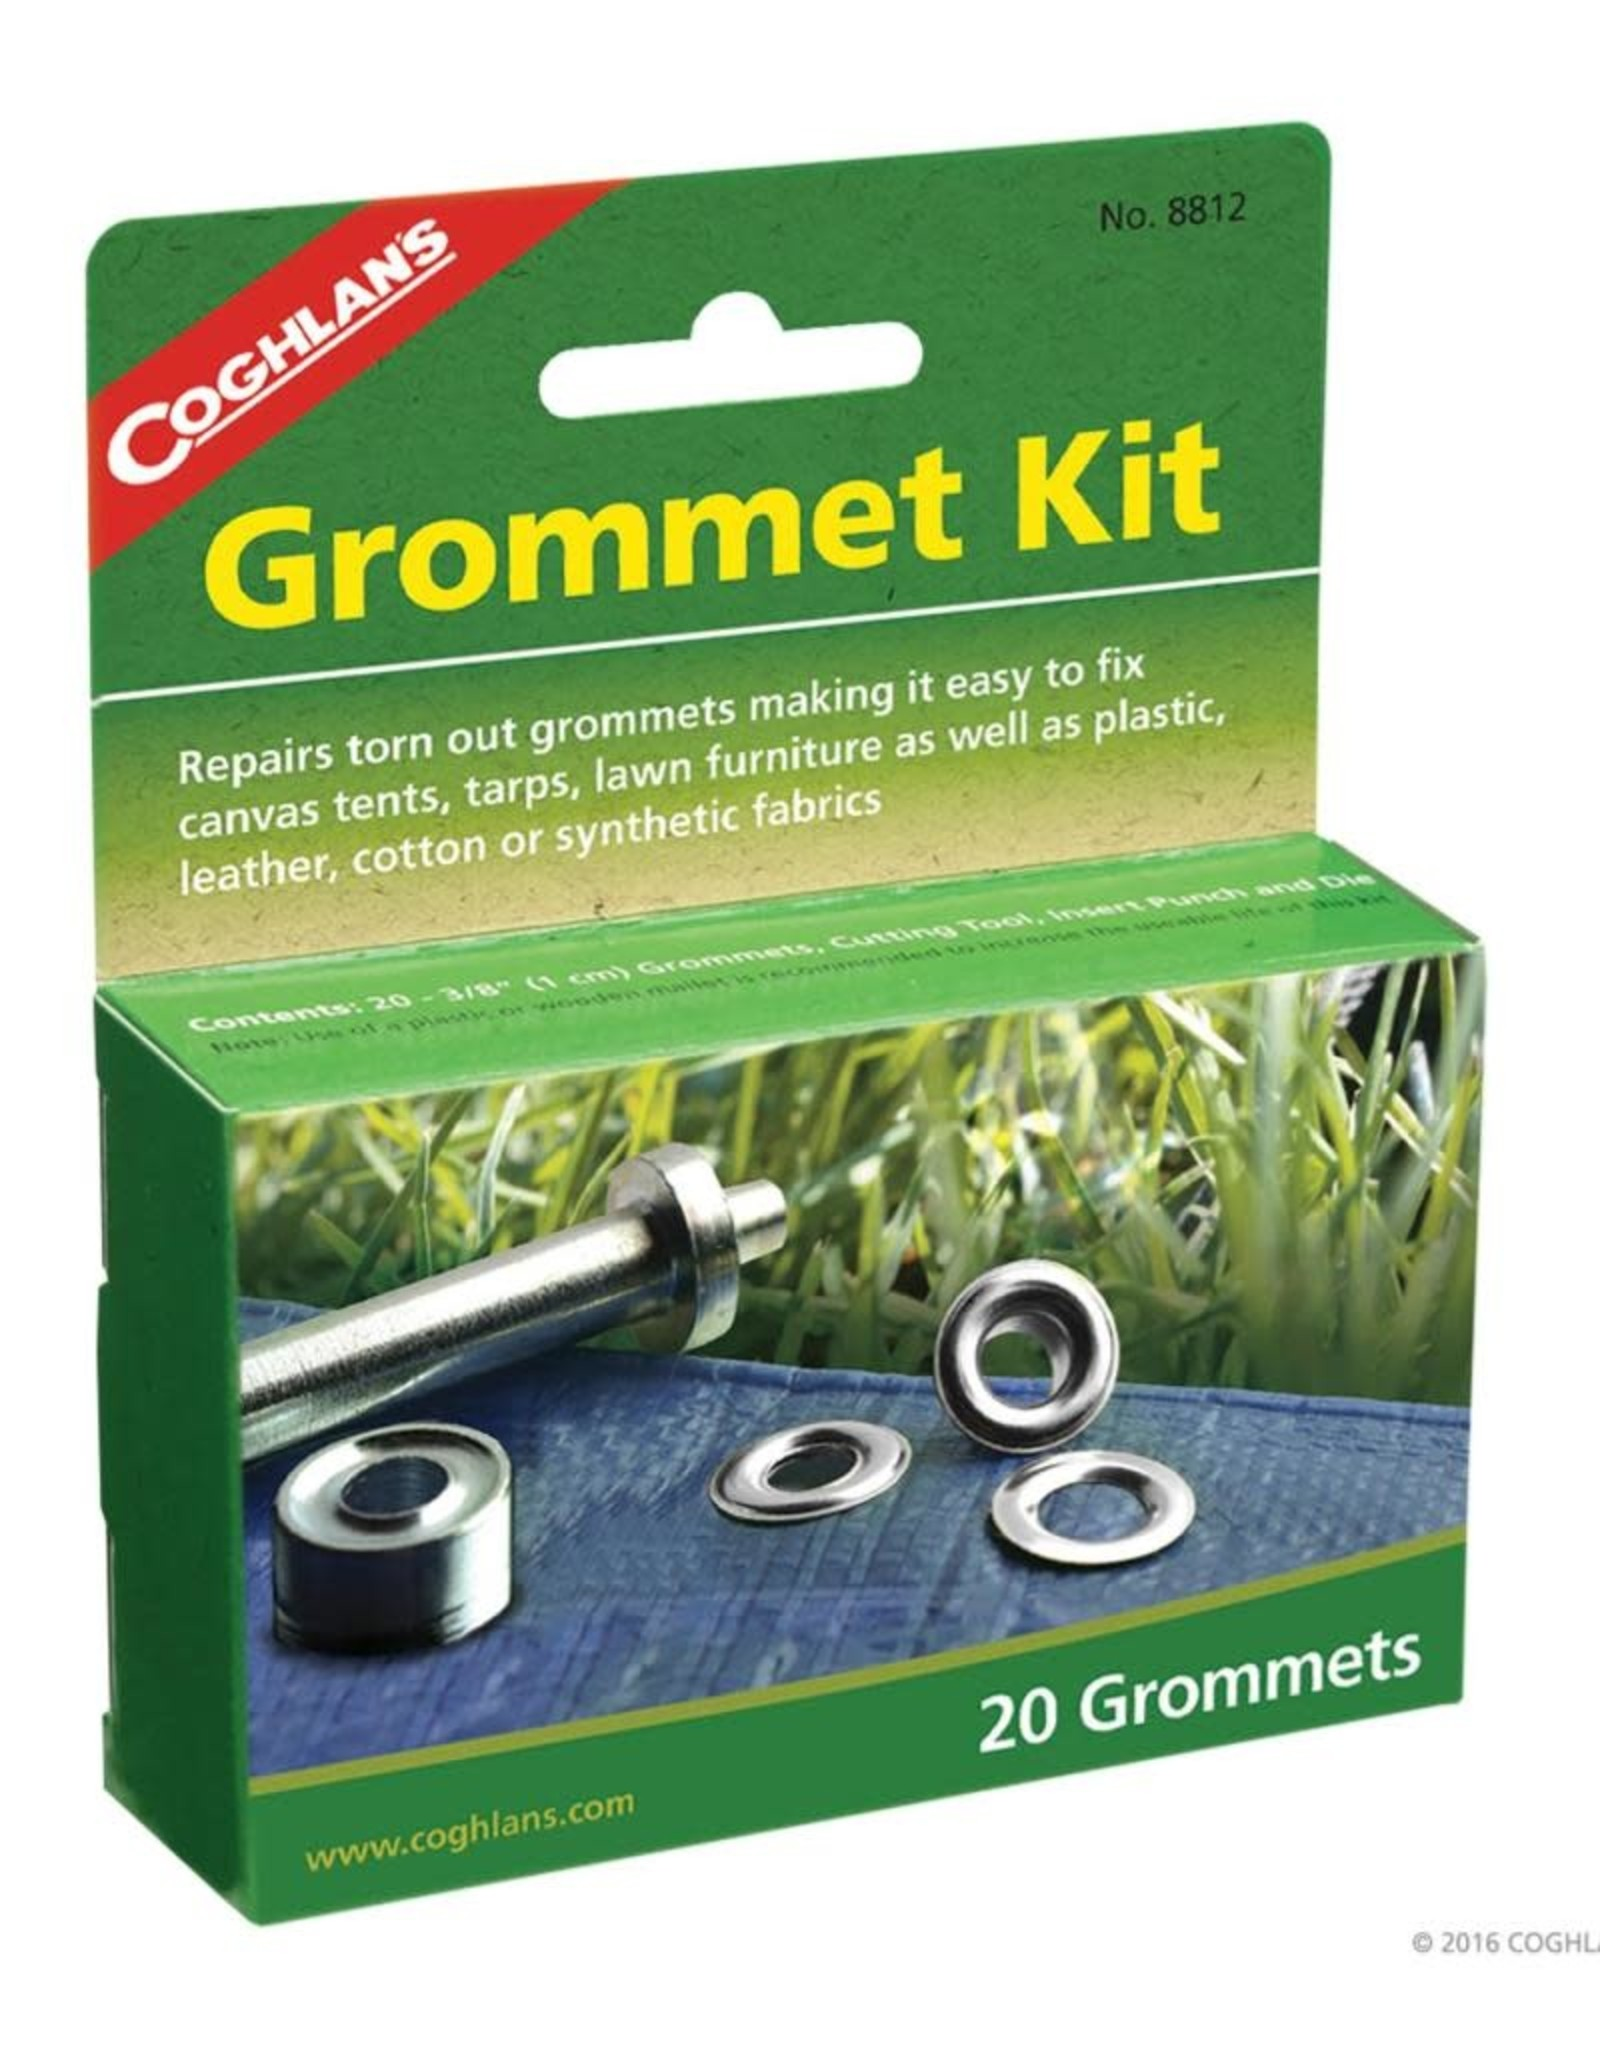 Coghlan's Grommet Kit